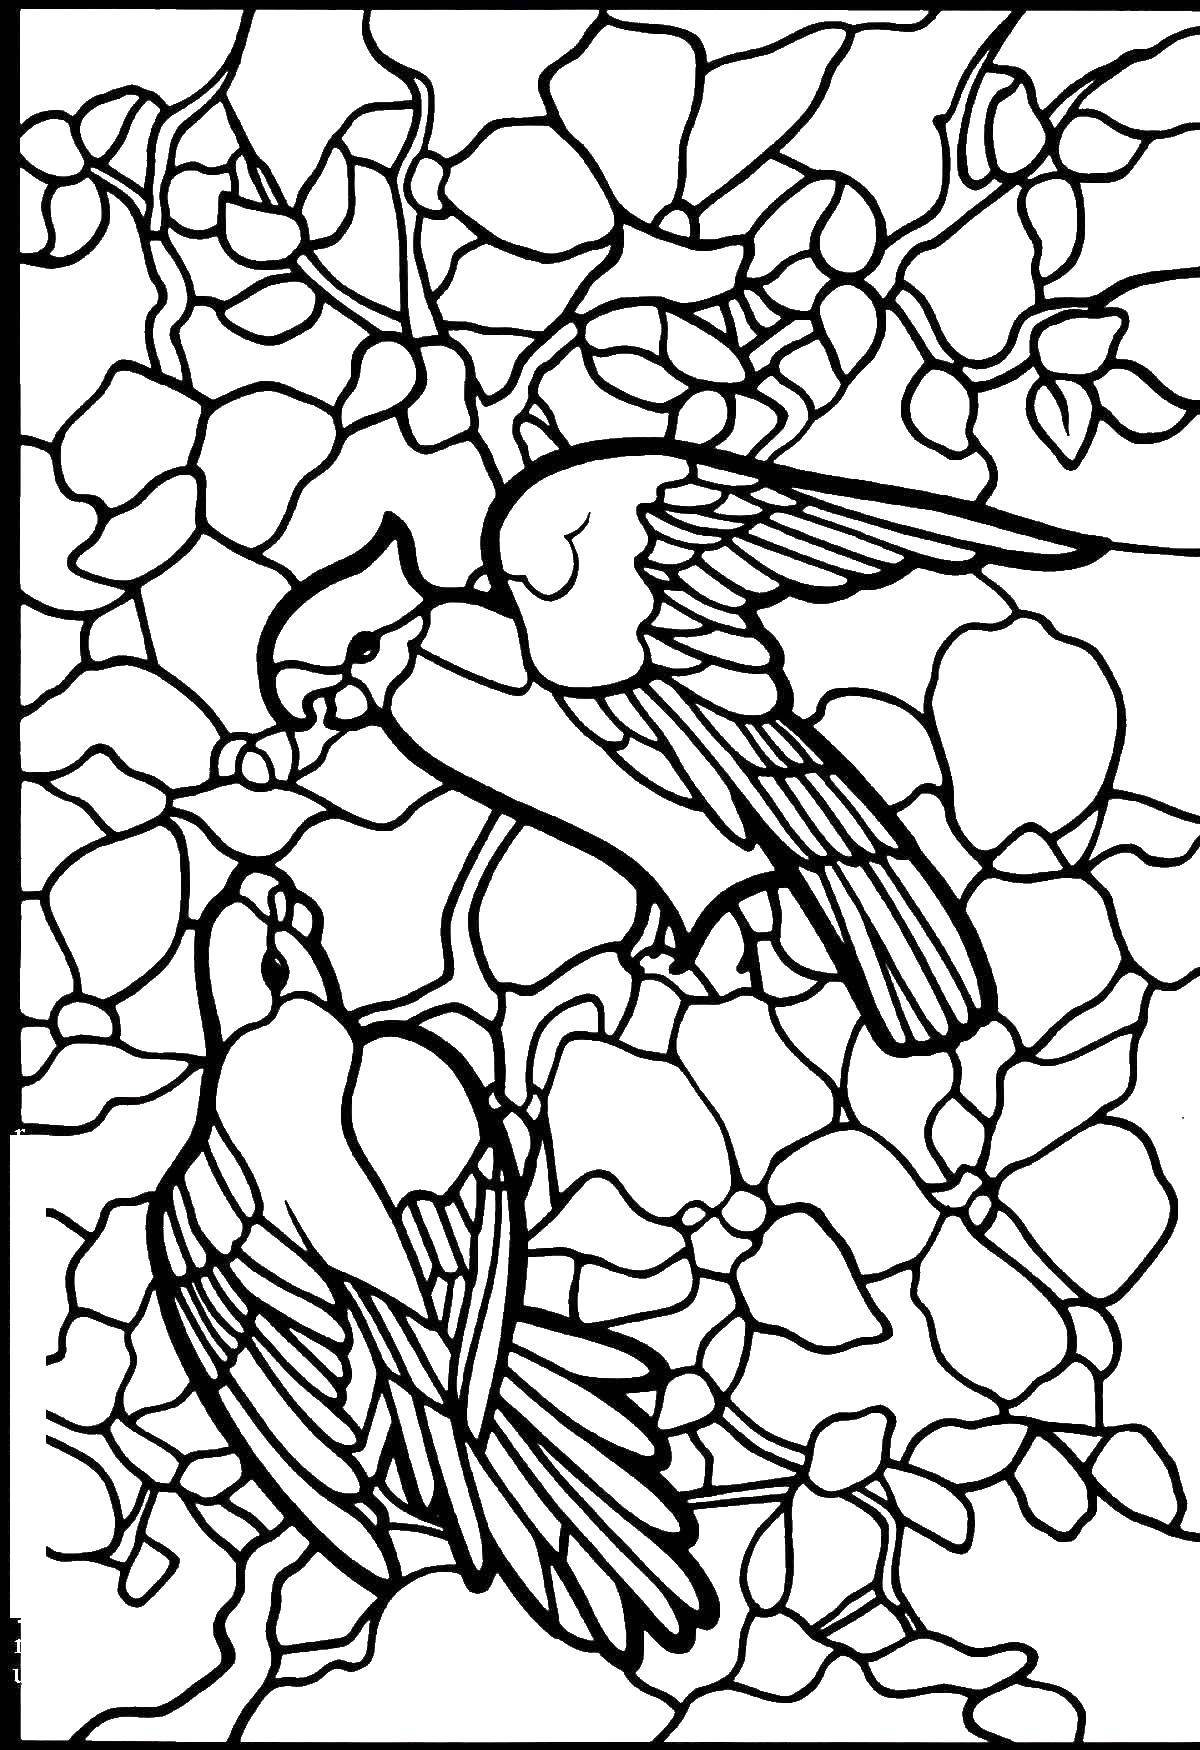 Раскраска Детское творчество Скачать ,витражи, дерево, цветы, птицы,.  Распечатать